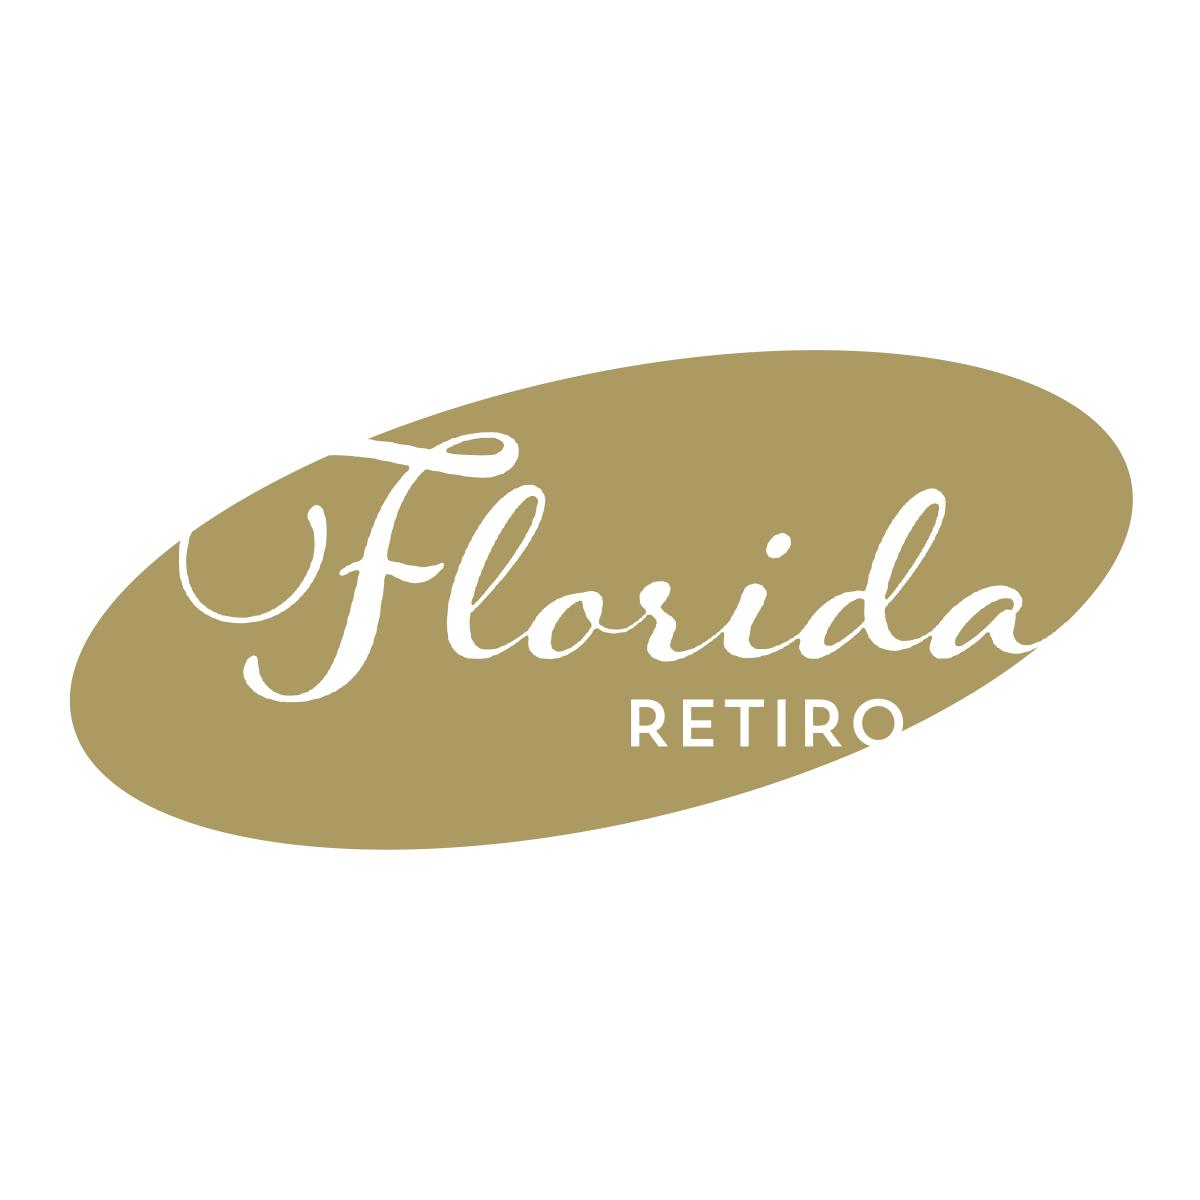 La Terraza de Florida Retiro avatar